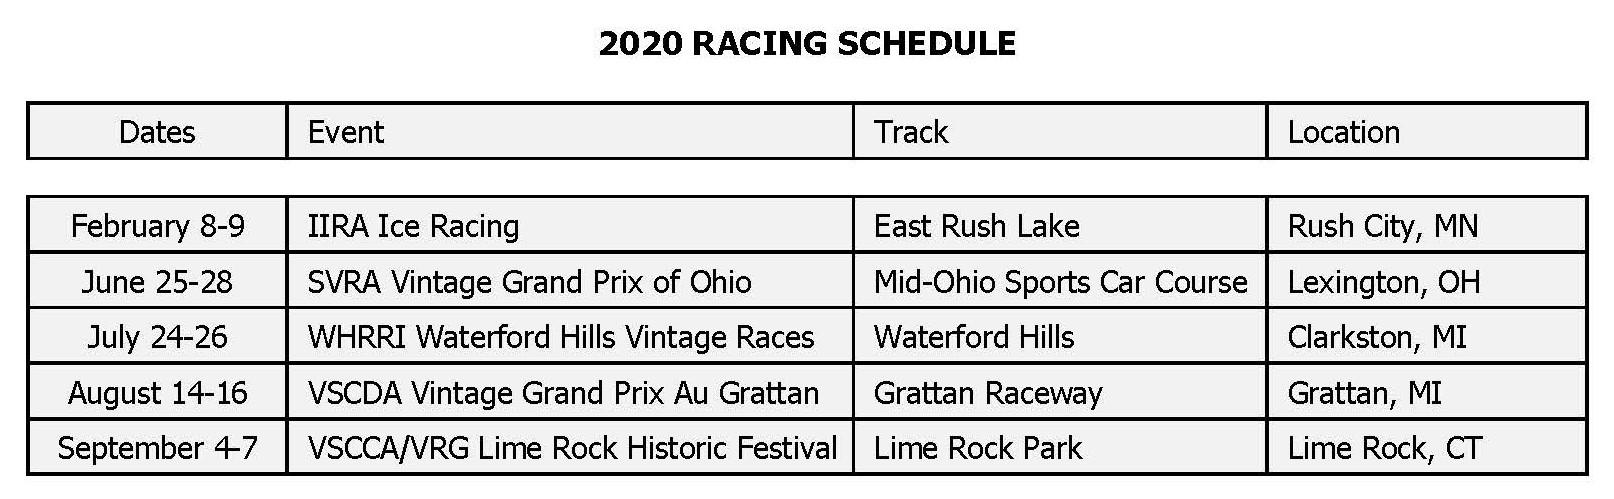 Steve Beeler 2020 Racing Schedule